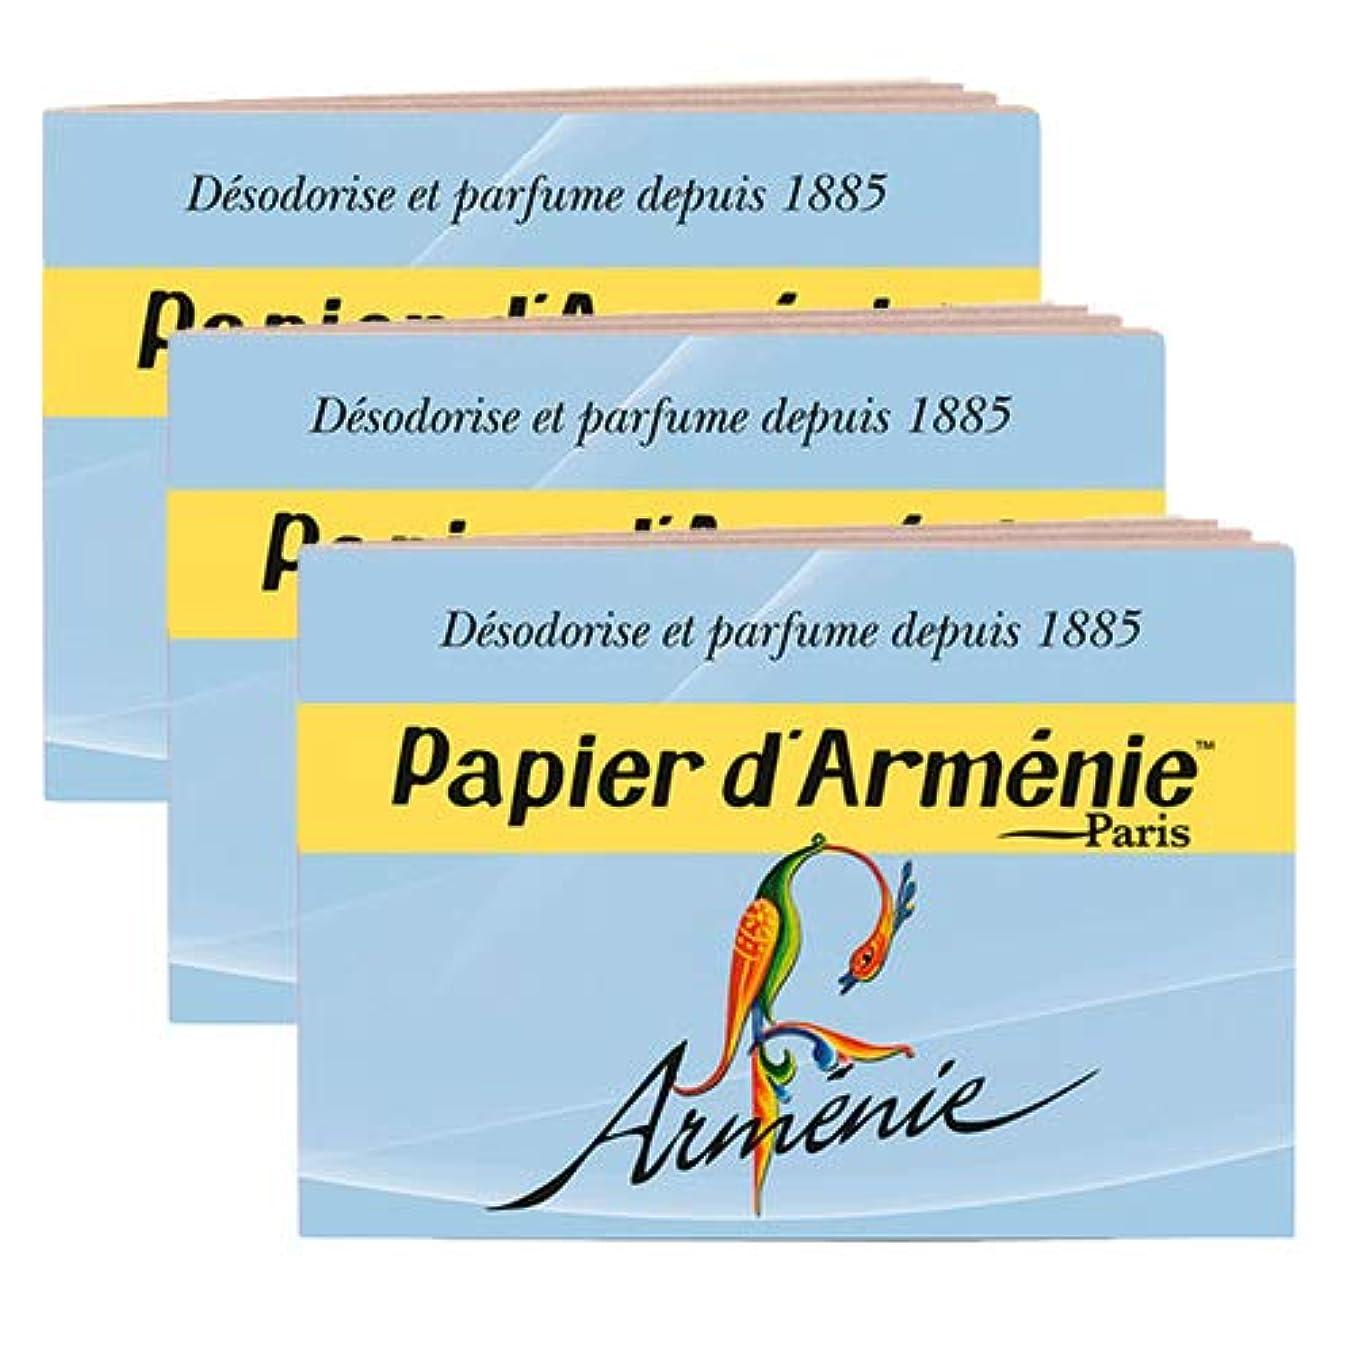 調子カウンタマート【パピエダルメニイ】トリプル 3×12枚(36回分) 3個セット アルメニイ 紙のお香 インセンス アロマペーパー PAPIER D'ARMENIE [並行輸入品]